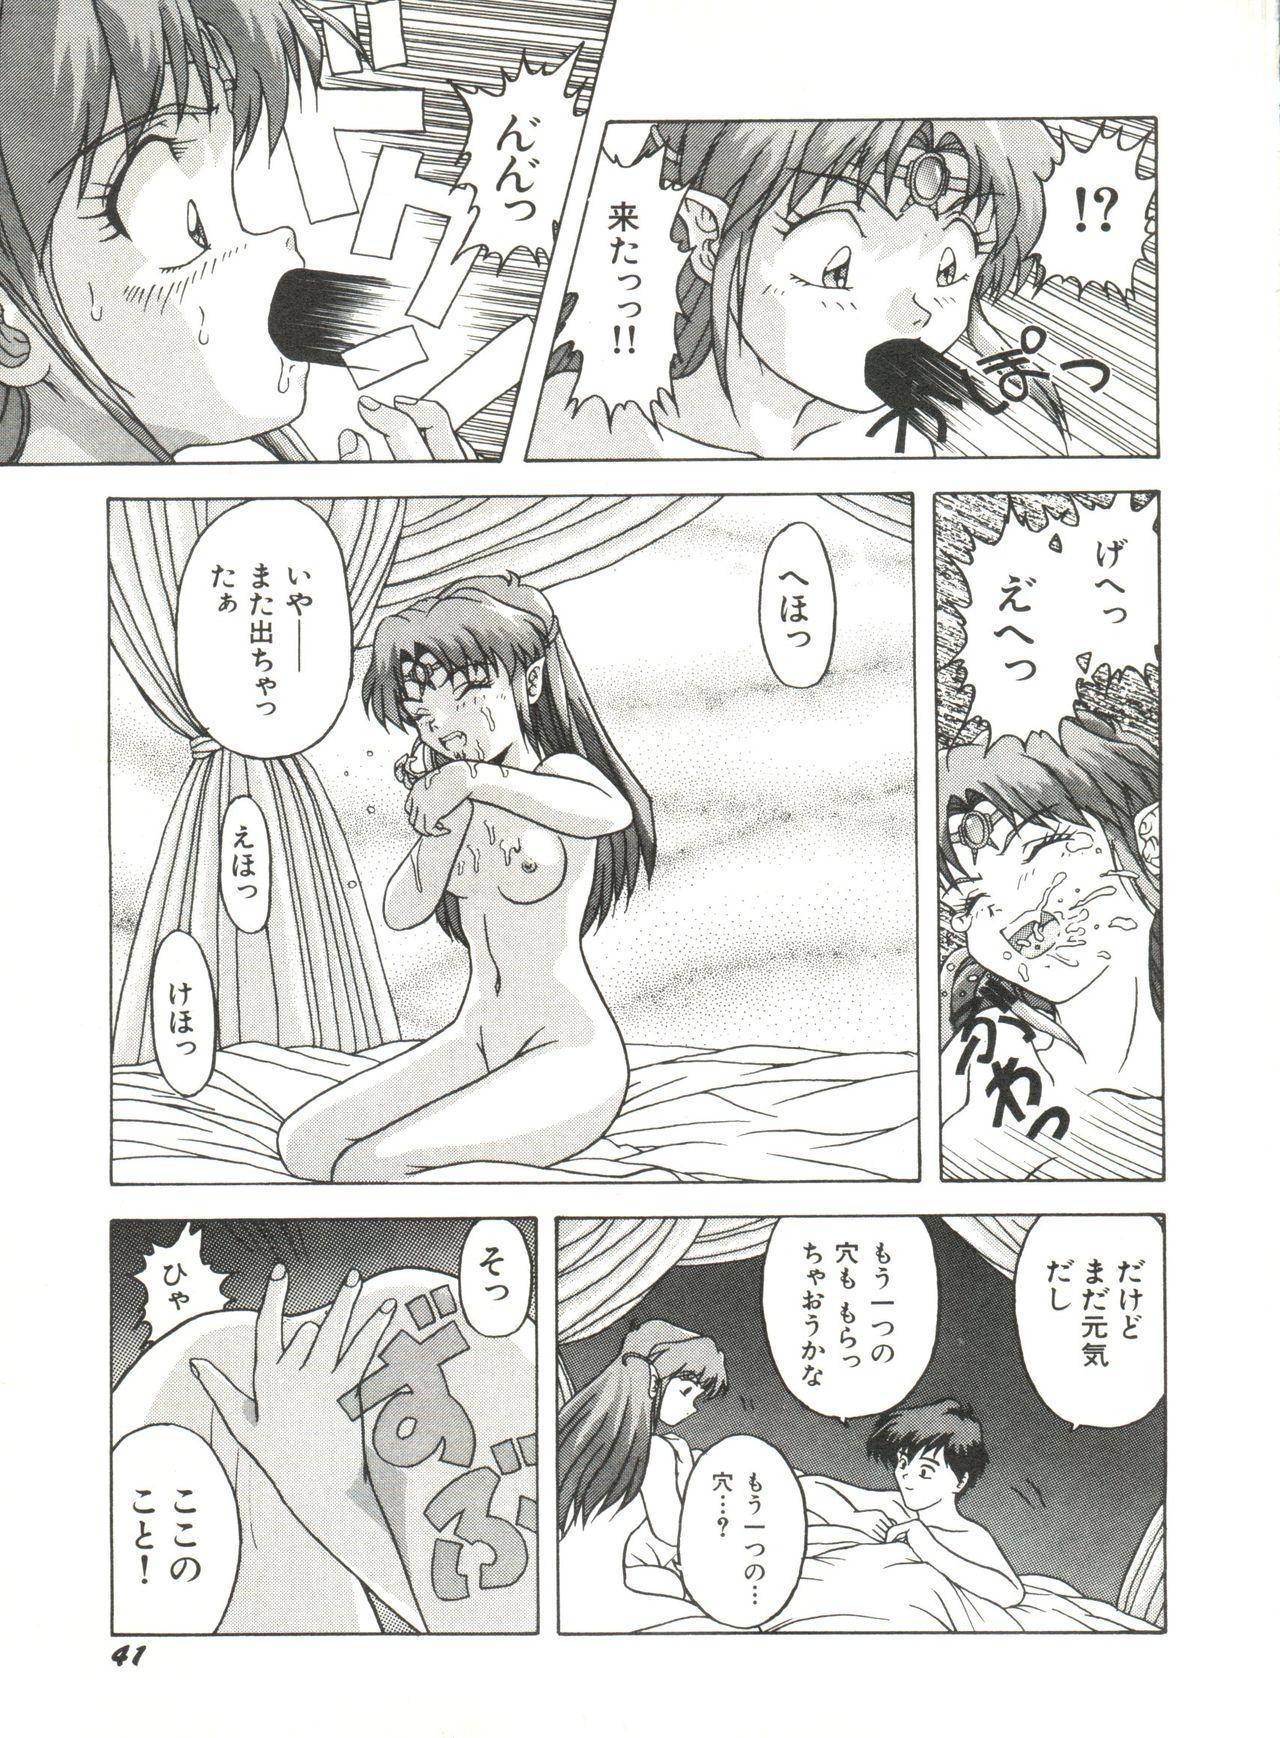 Bishoujo Doujinshi Anthology 6 44